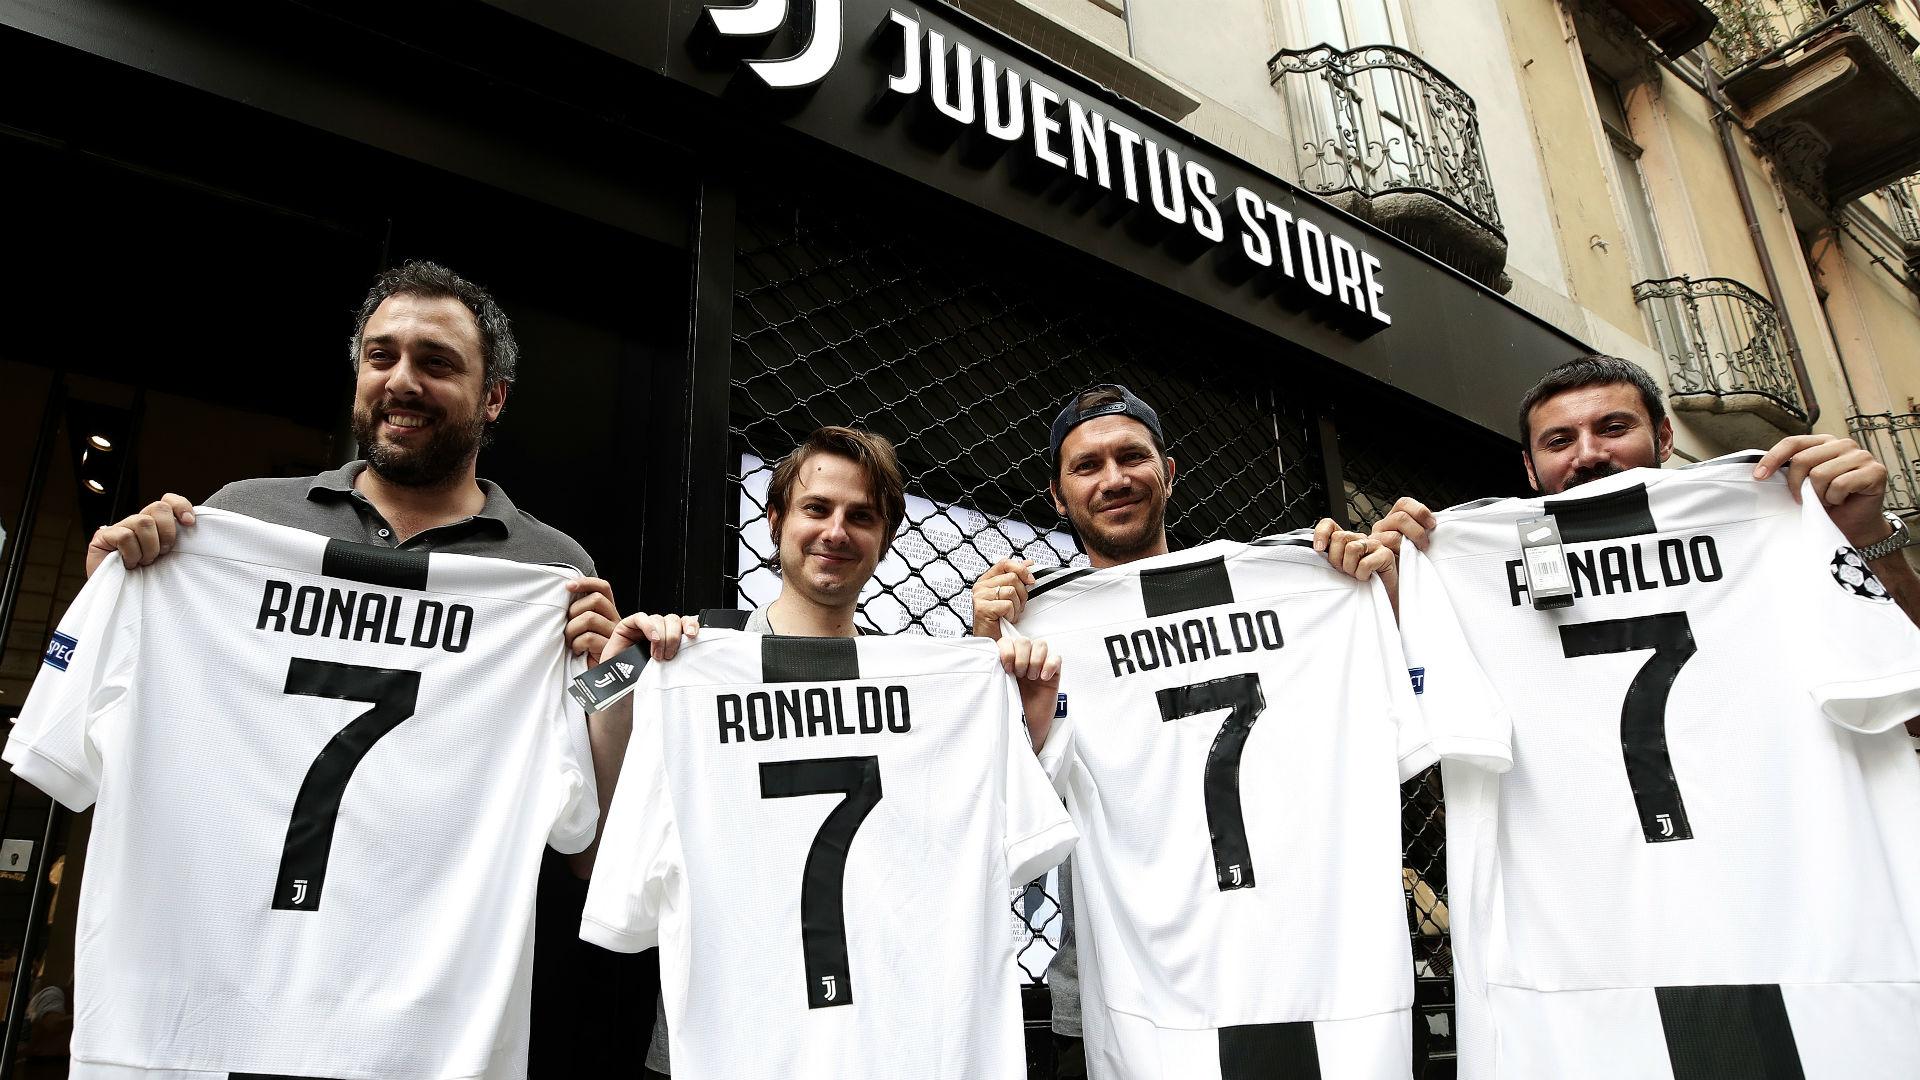 Cette offre exceptionnelle faite à Cristiano Ronaldo — Mercato